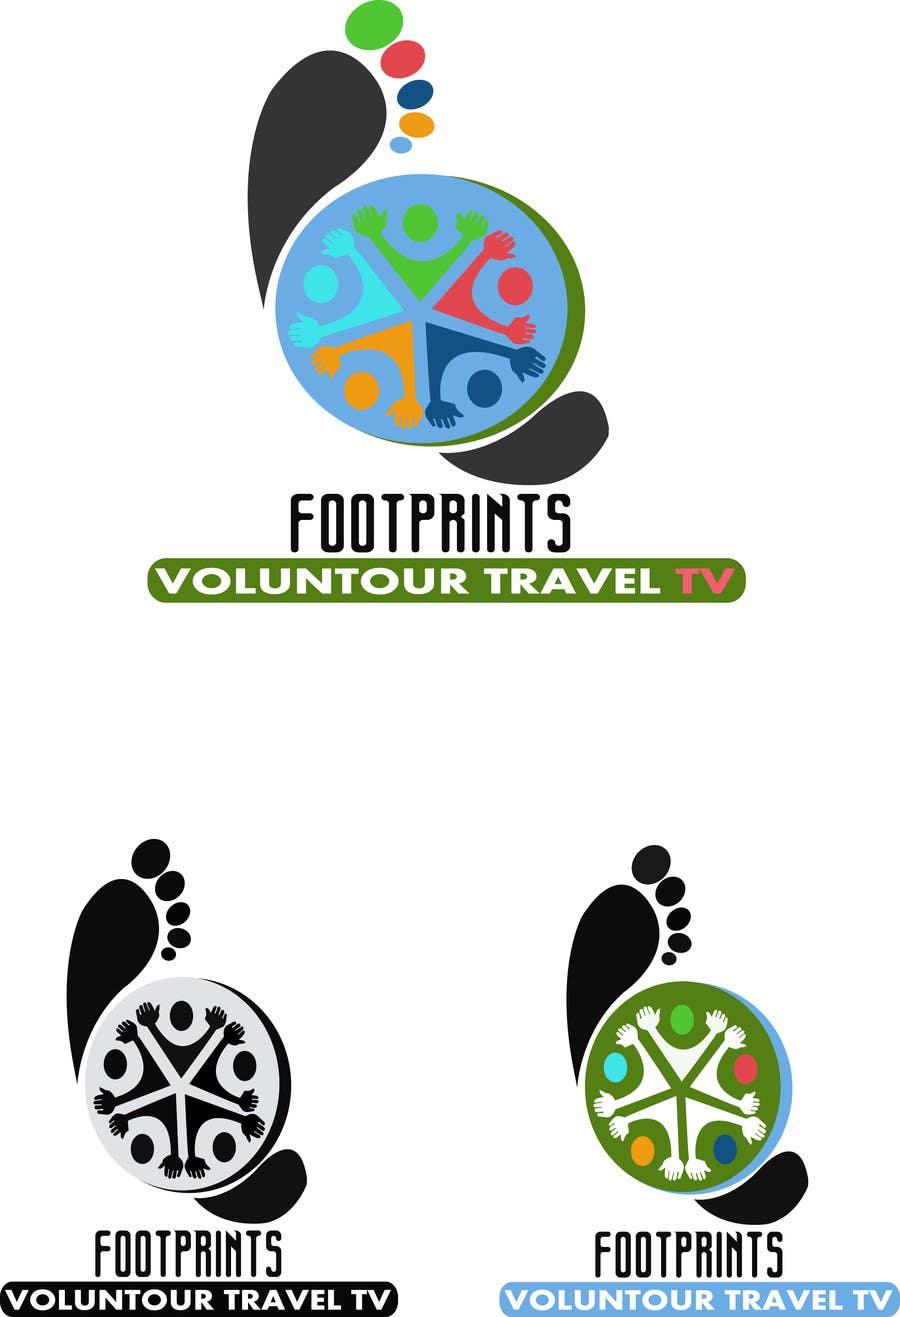 Inscrição nº                                         238                                      do Concurso para                                         Logo Design for Footprints Voluntour Travel Tv